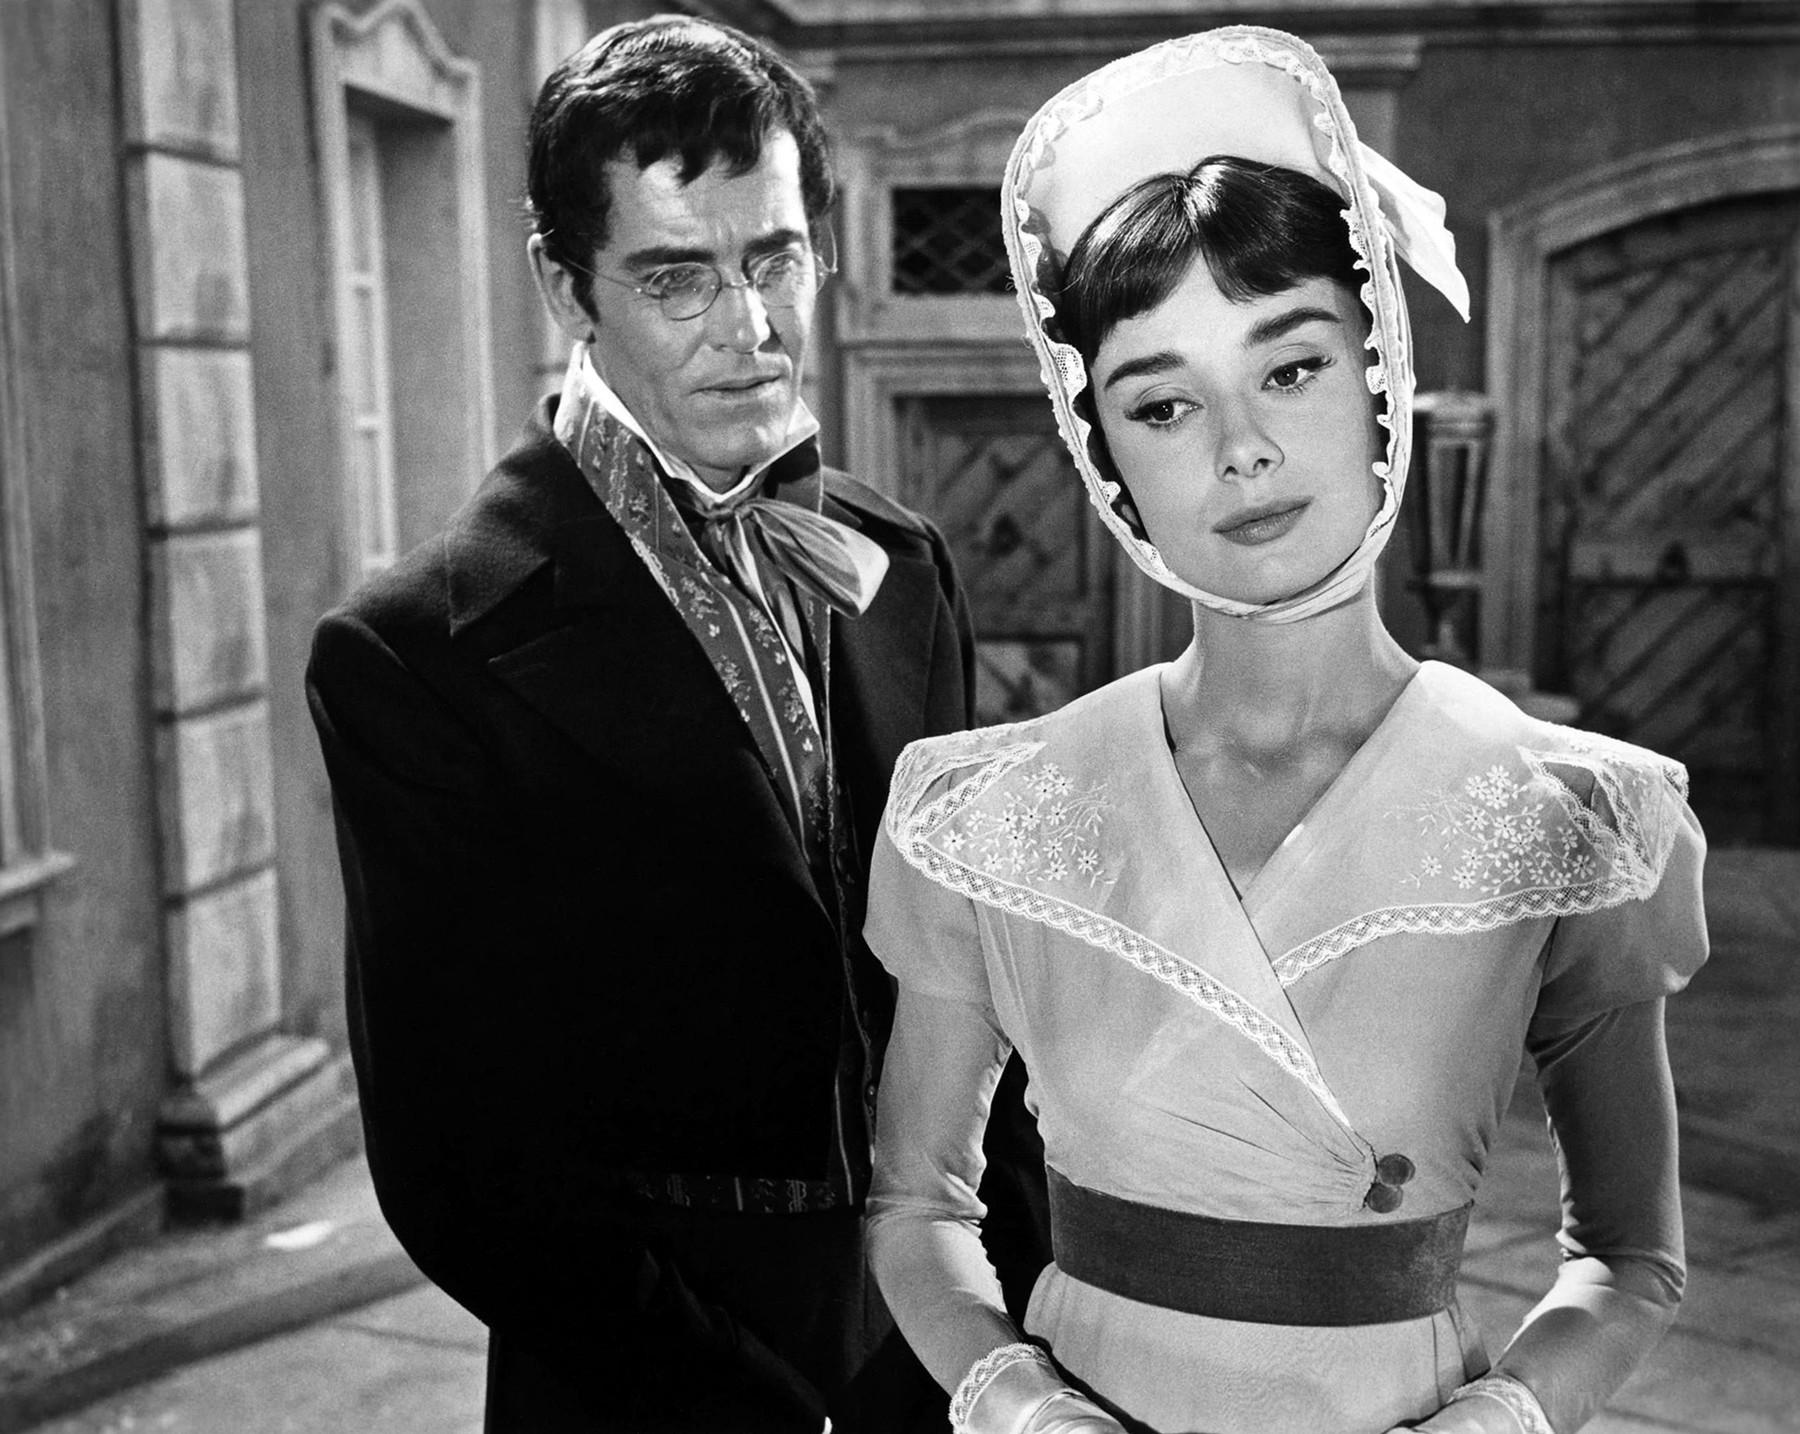 Одри Хепберн је једна од многих глумица које су на платну играле Толстојеву идеалну жену Наташу Ростову.